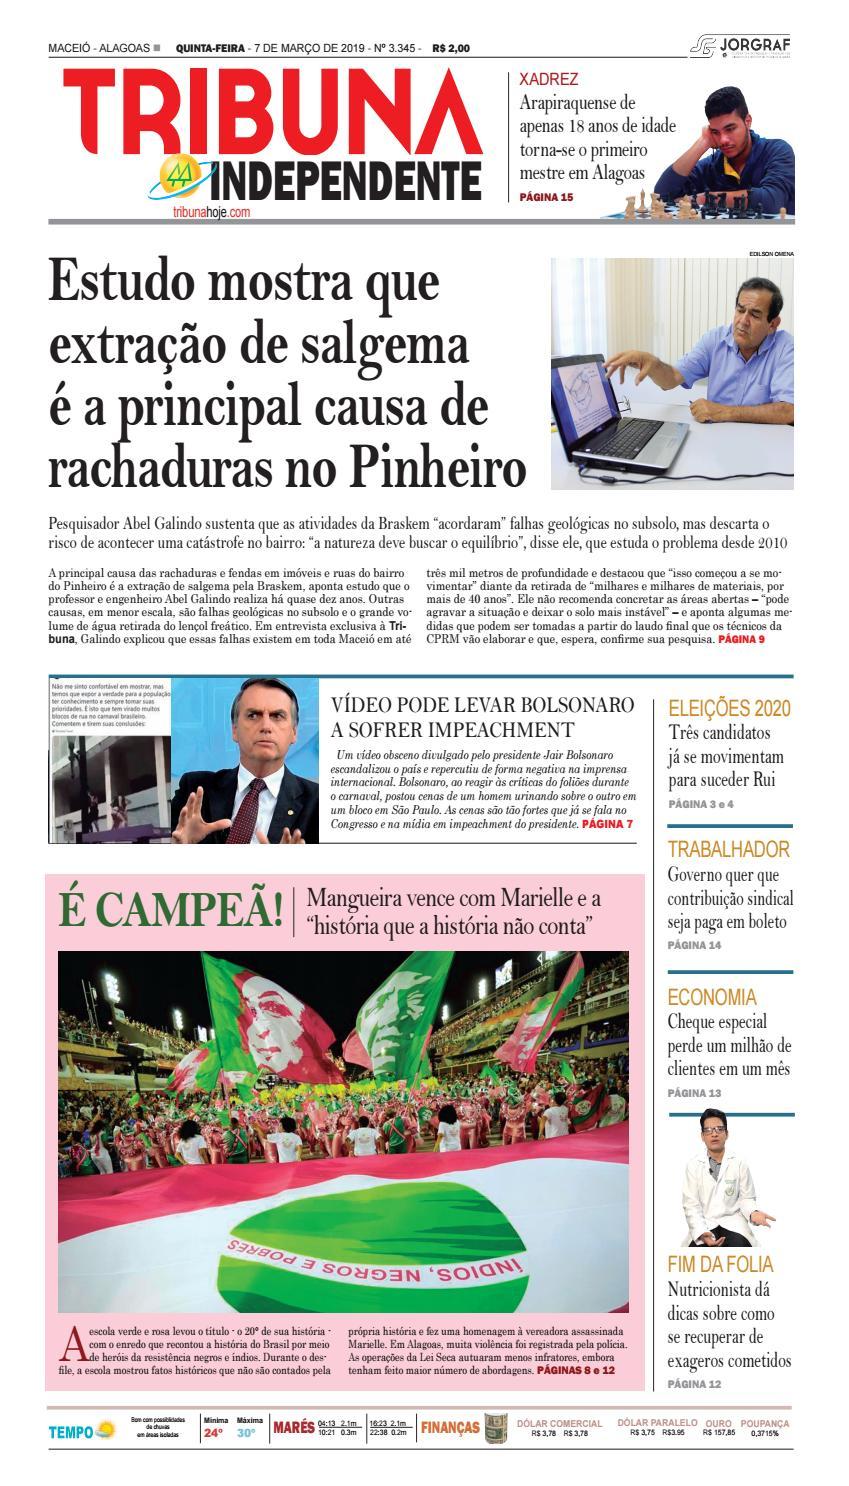 9be89faa42d00 Edição número 3345 – 7 de março de 2019 by Tribuna Hoje - issuu